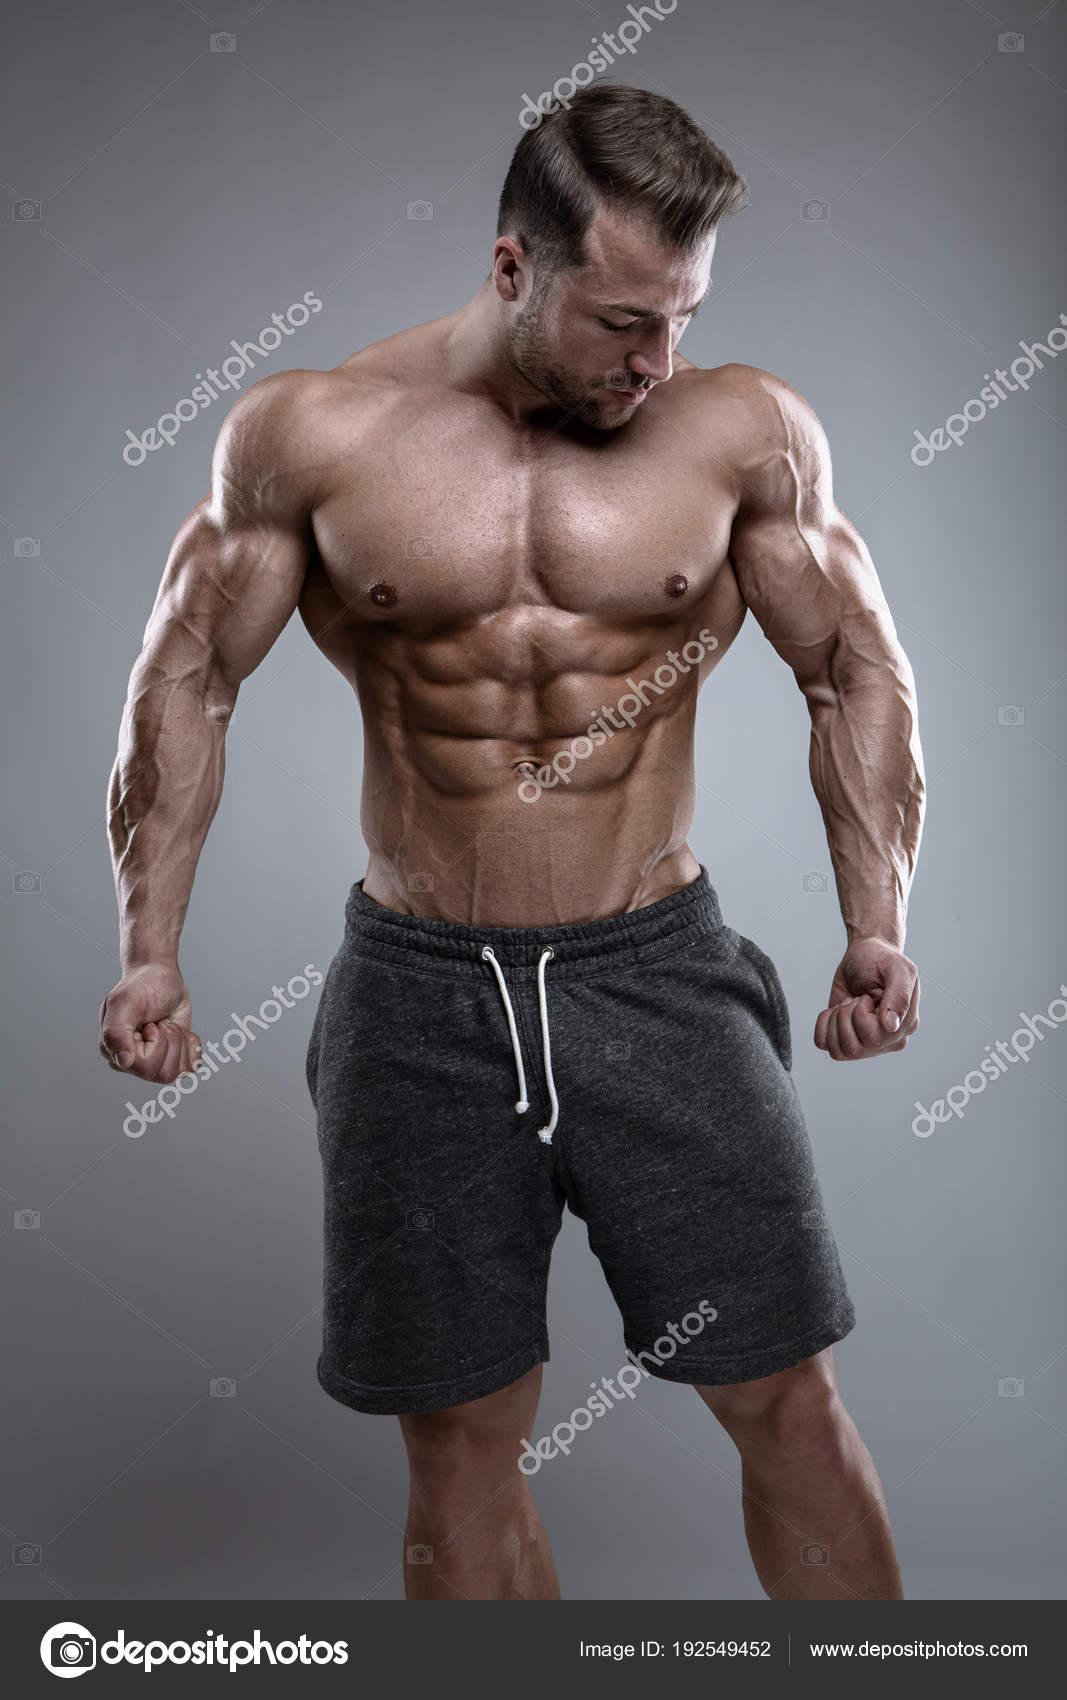 Starker athletischer Mann zeigt Körper und Bauchmuskeln